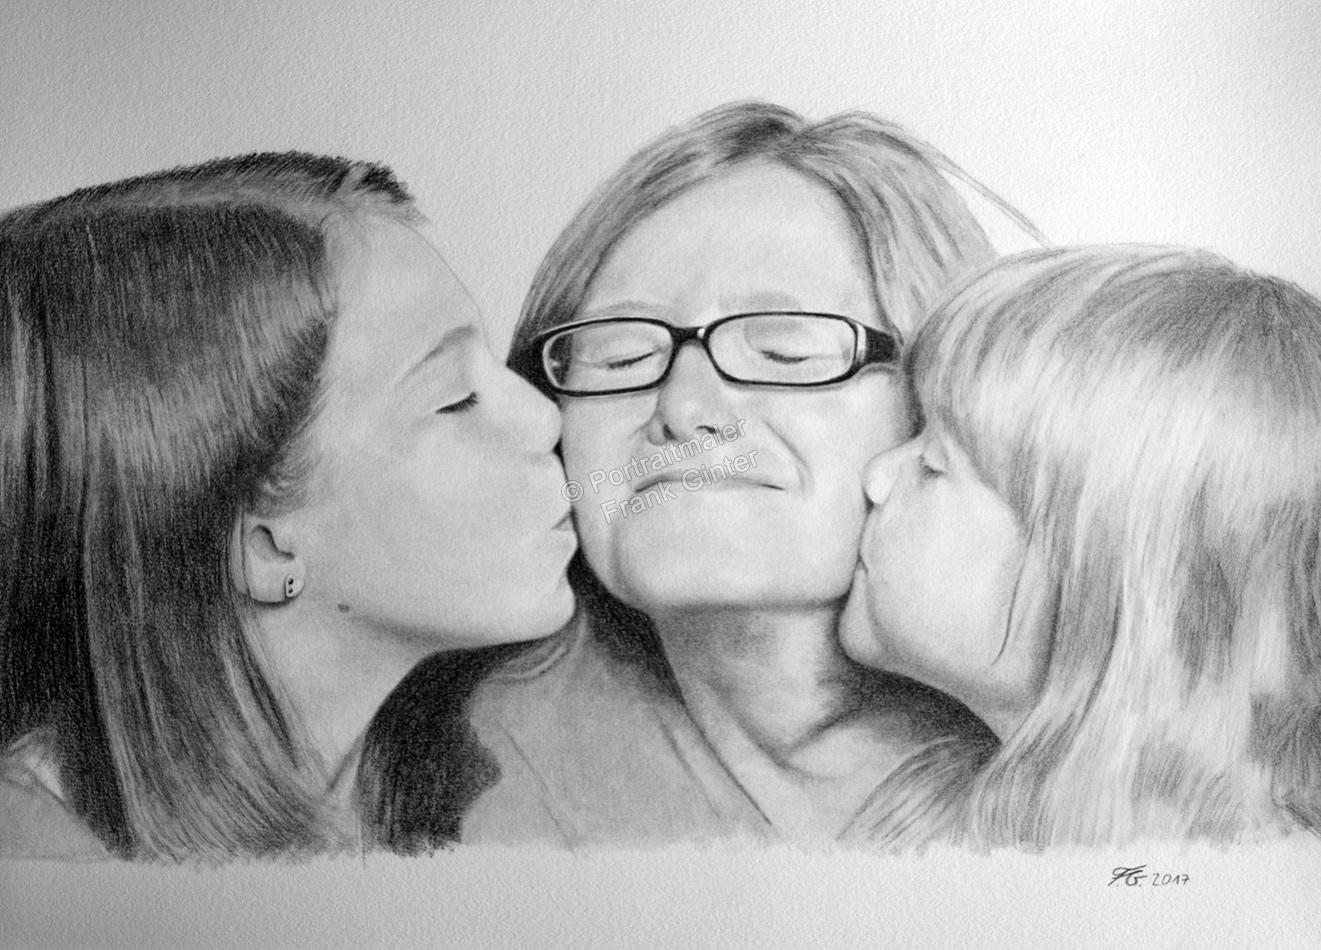 Bleistiftzeichnungen, Portraitzeichnung, Familie, Bleistiftzeichnung, Portraitzeichner